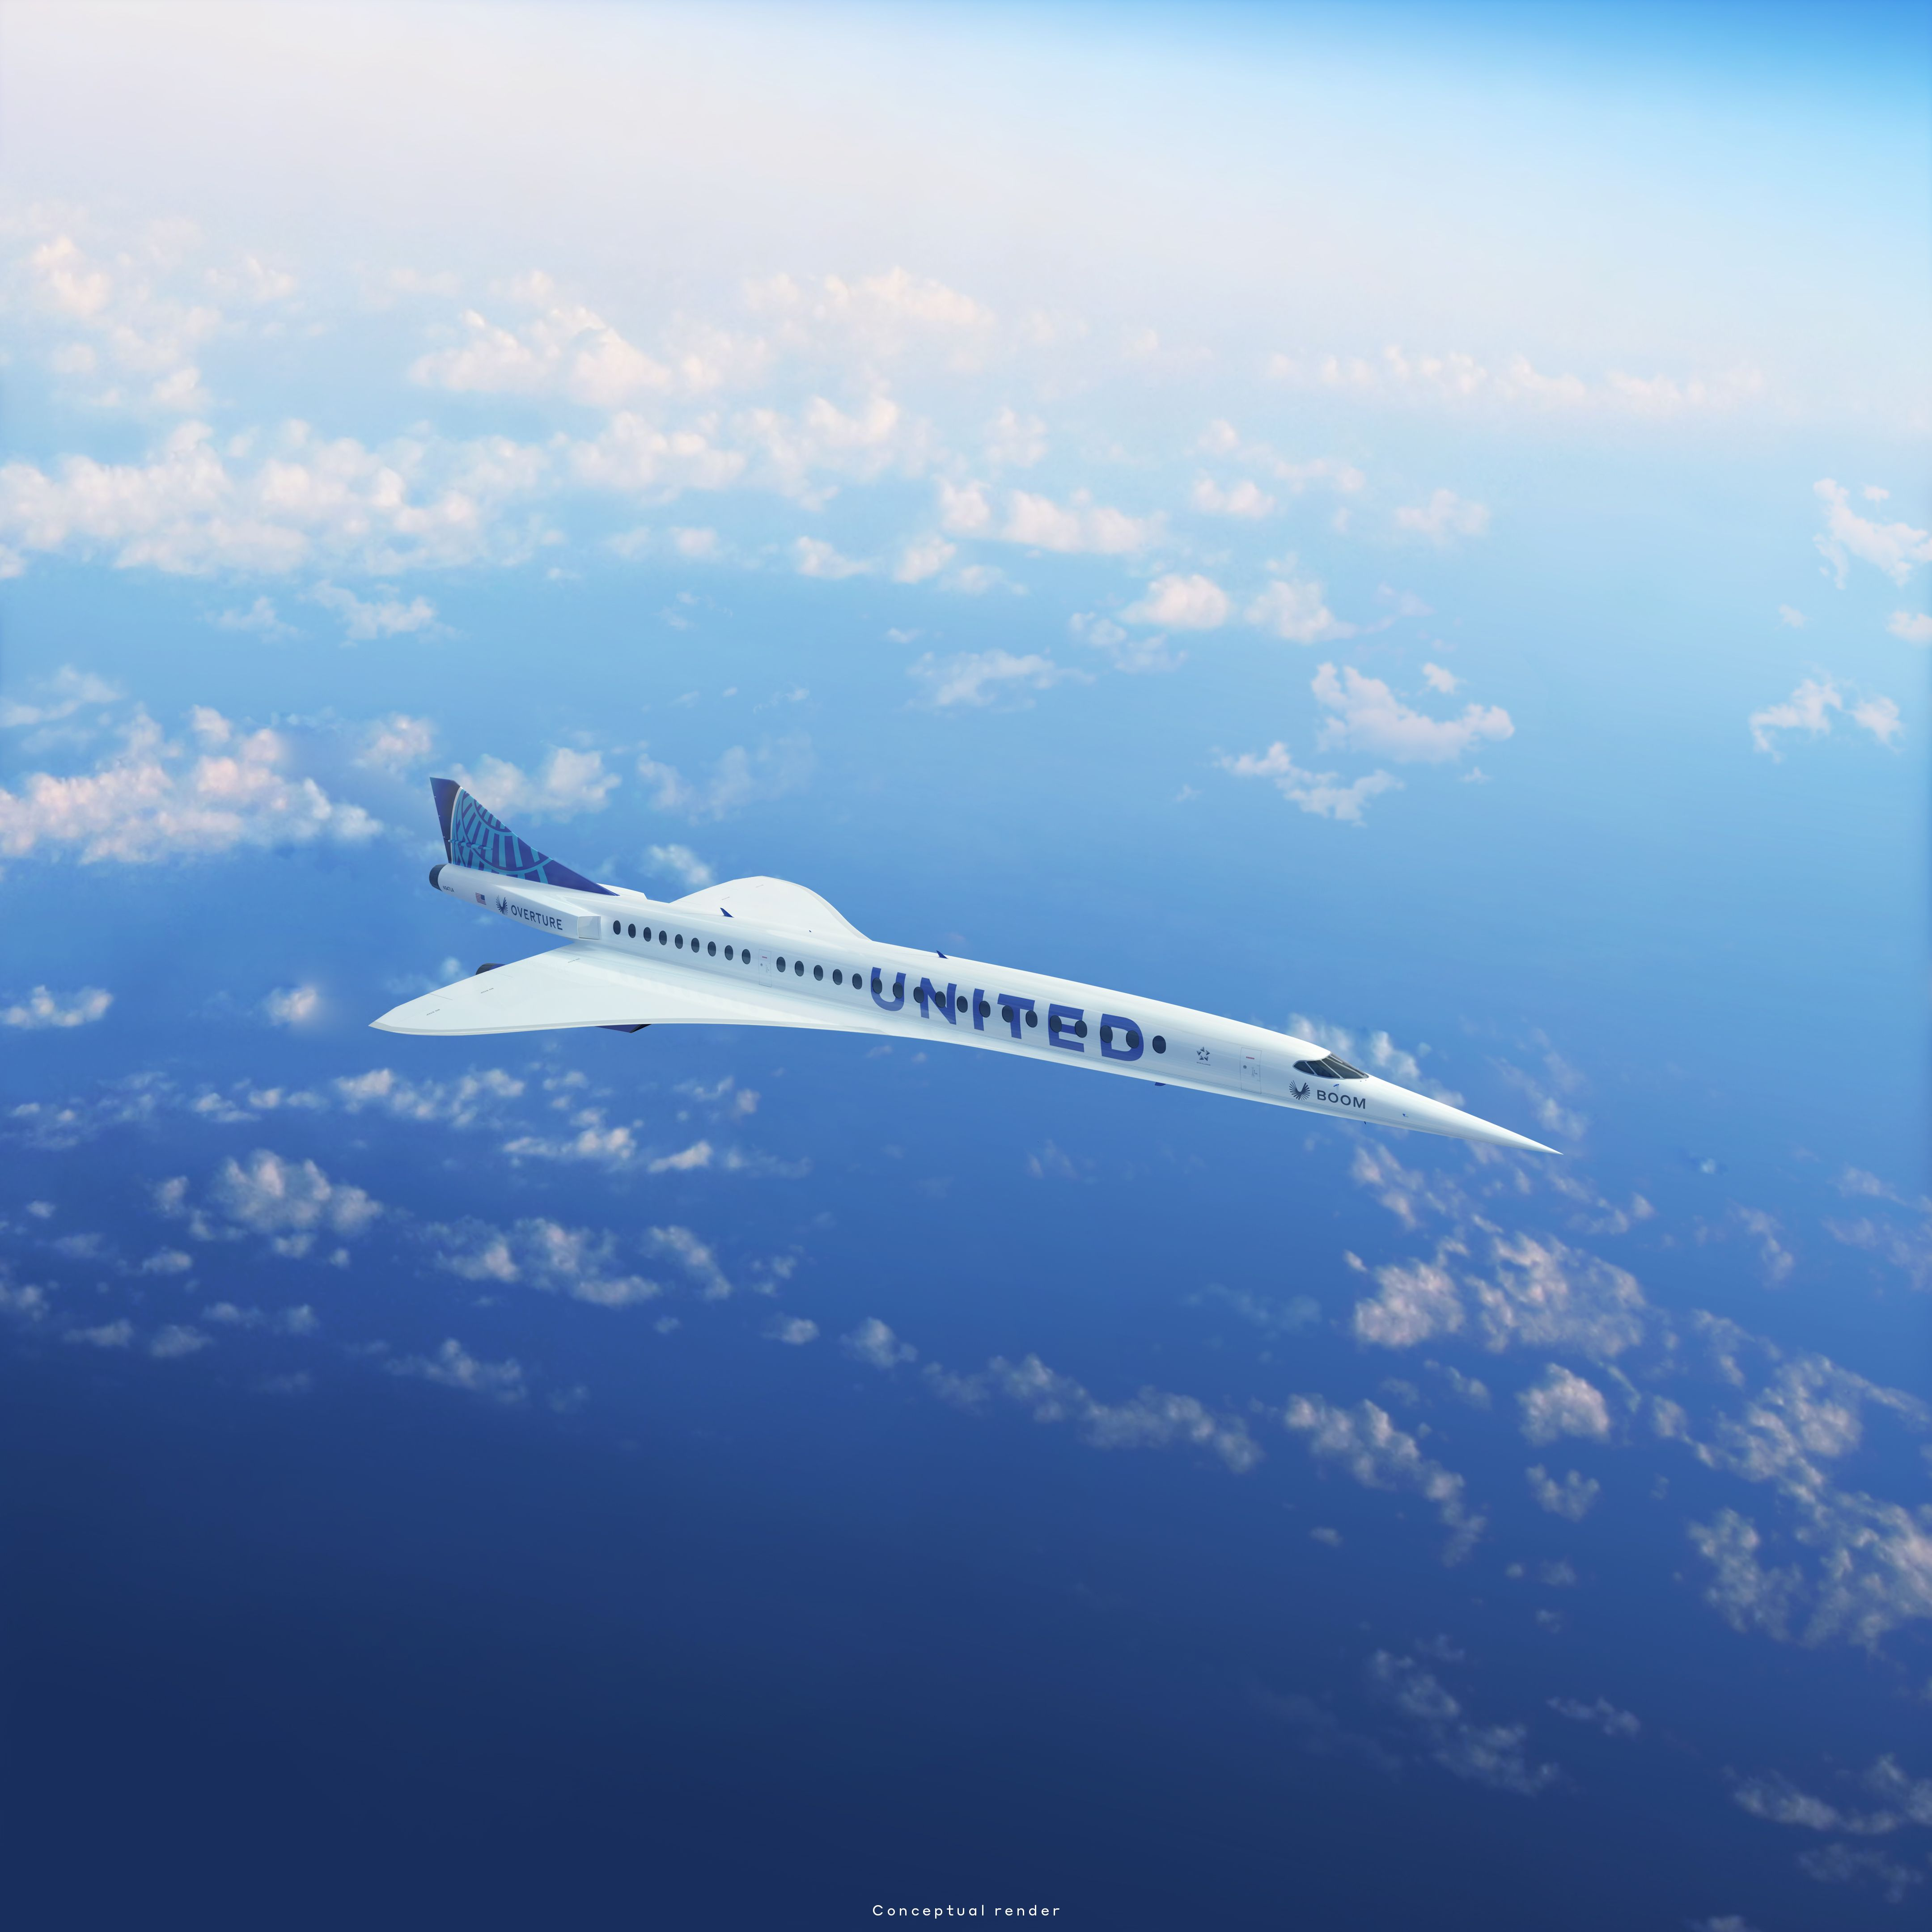 Az óriás légitársaság elköteleződése nagy lökés a Boomnak